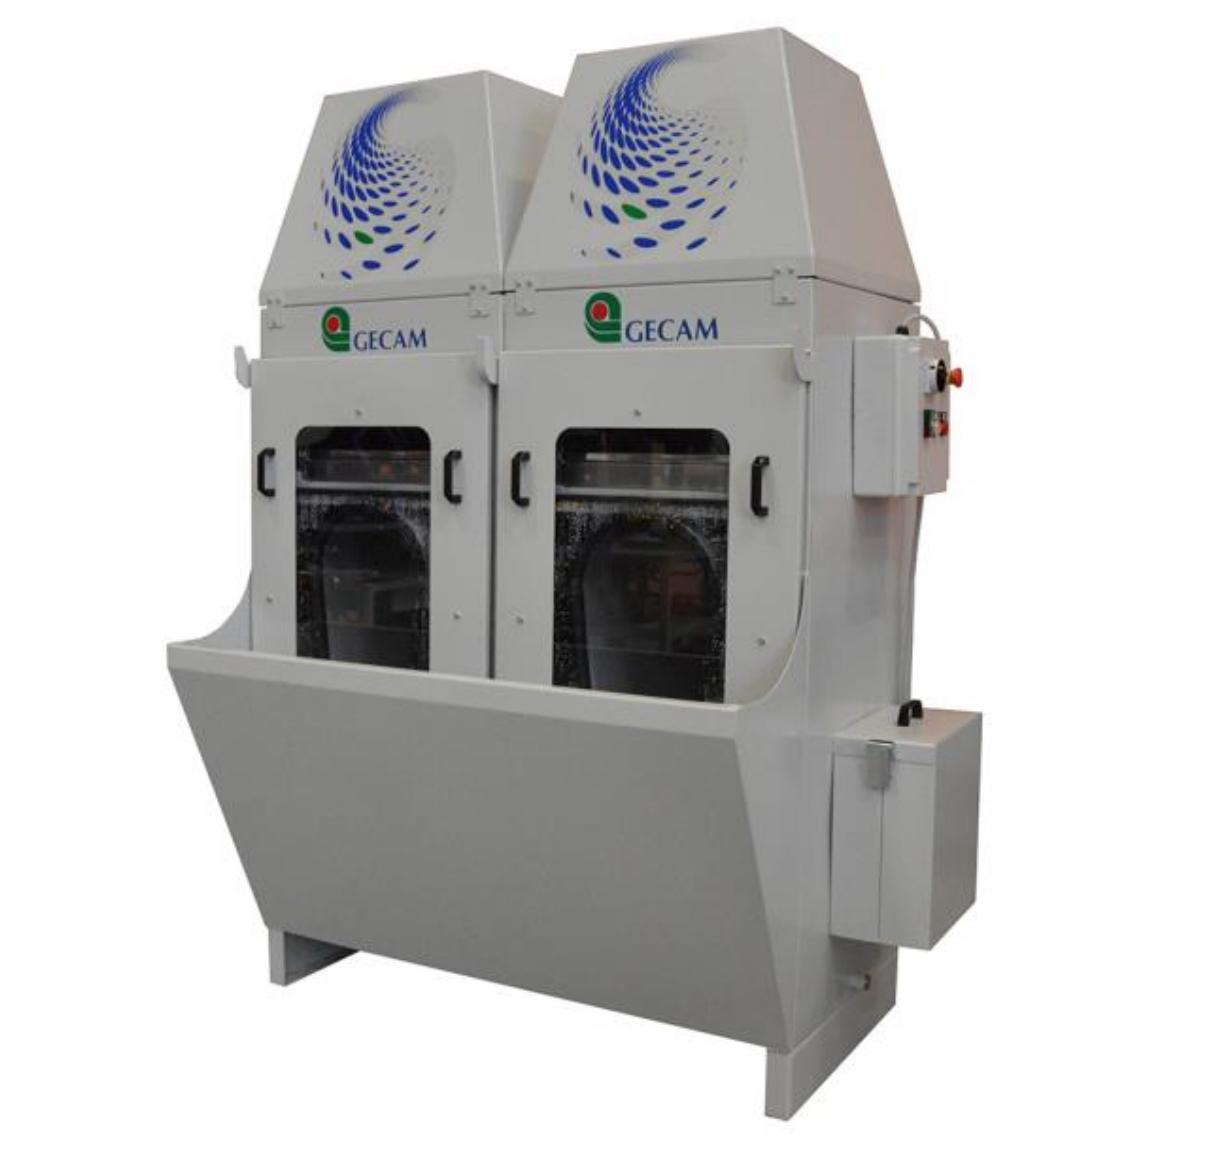 Urządzenia do odciągania pyłów, wiórów, opiłków, filtry mokre do oczyszczania powietrza po szlifowaniu